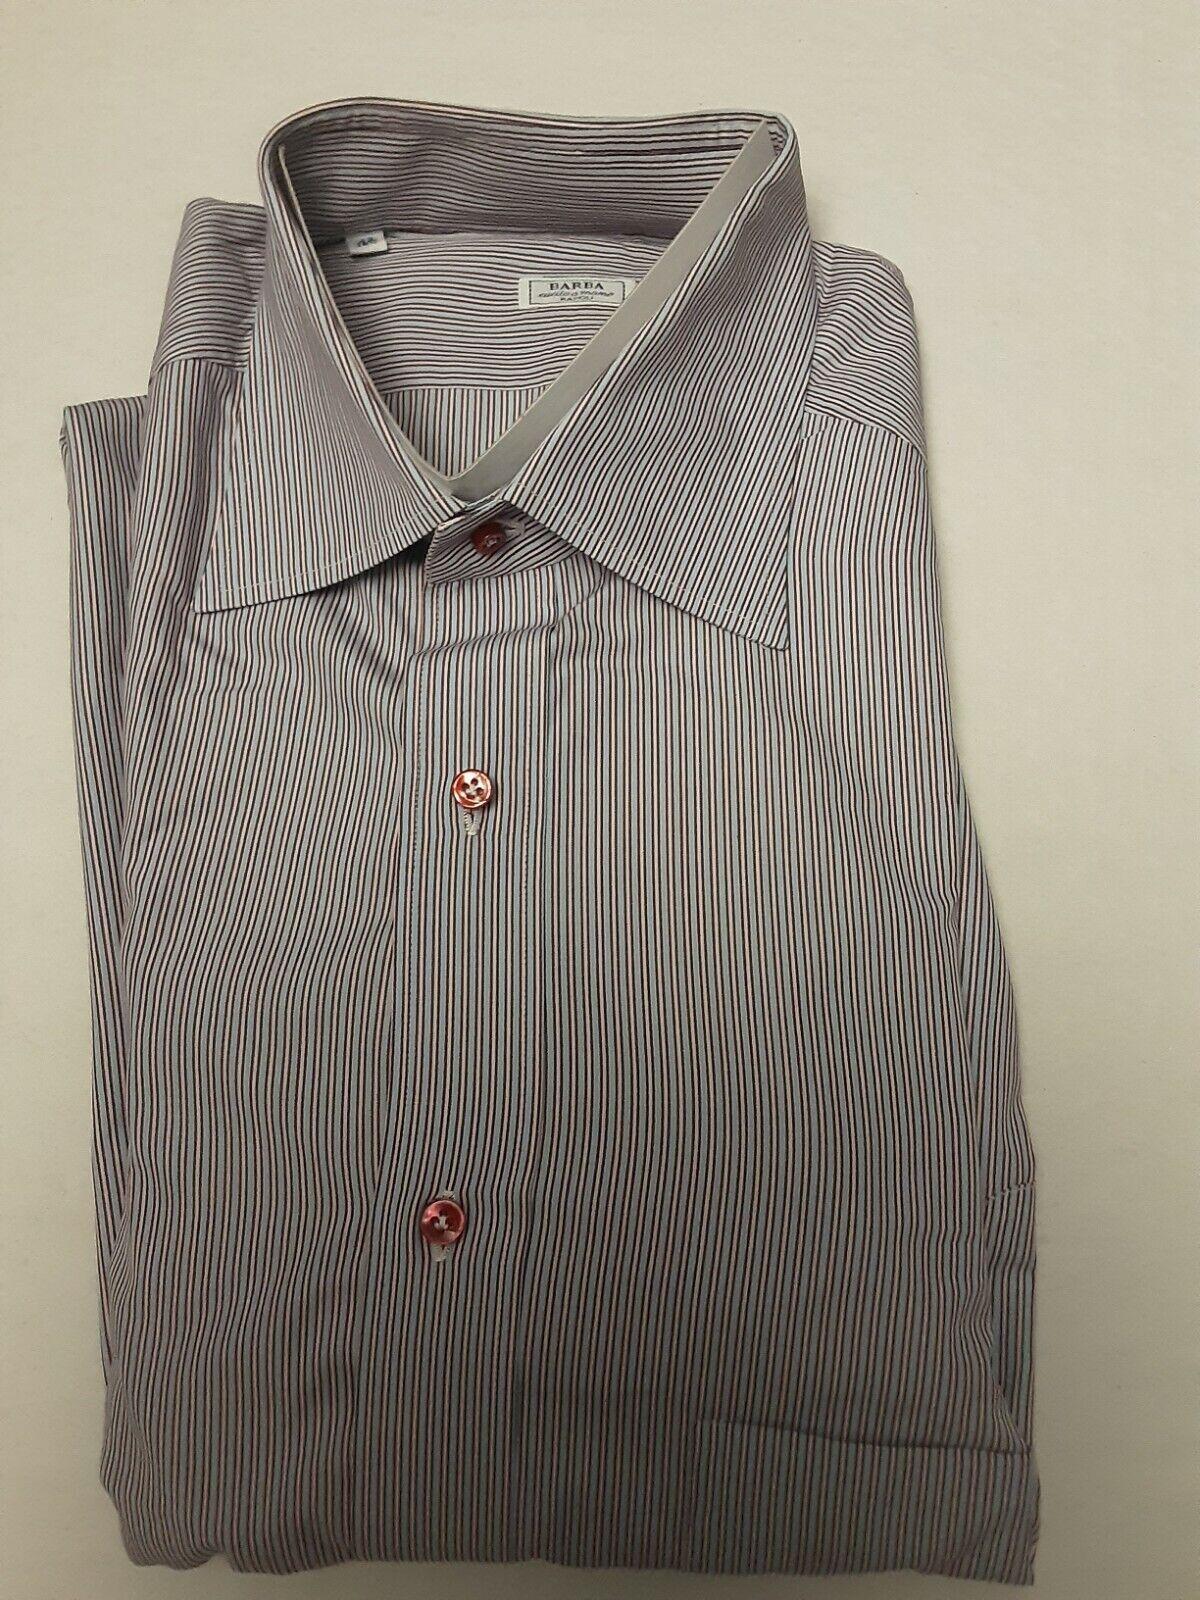 New $325 Barba Napoli Brown Plaid Shirt 372U13T Extra Slim